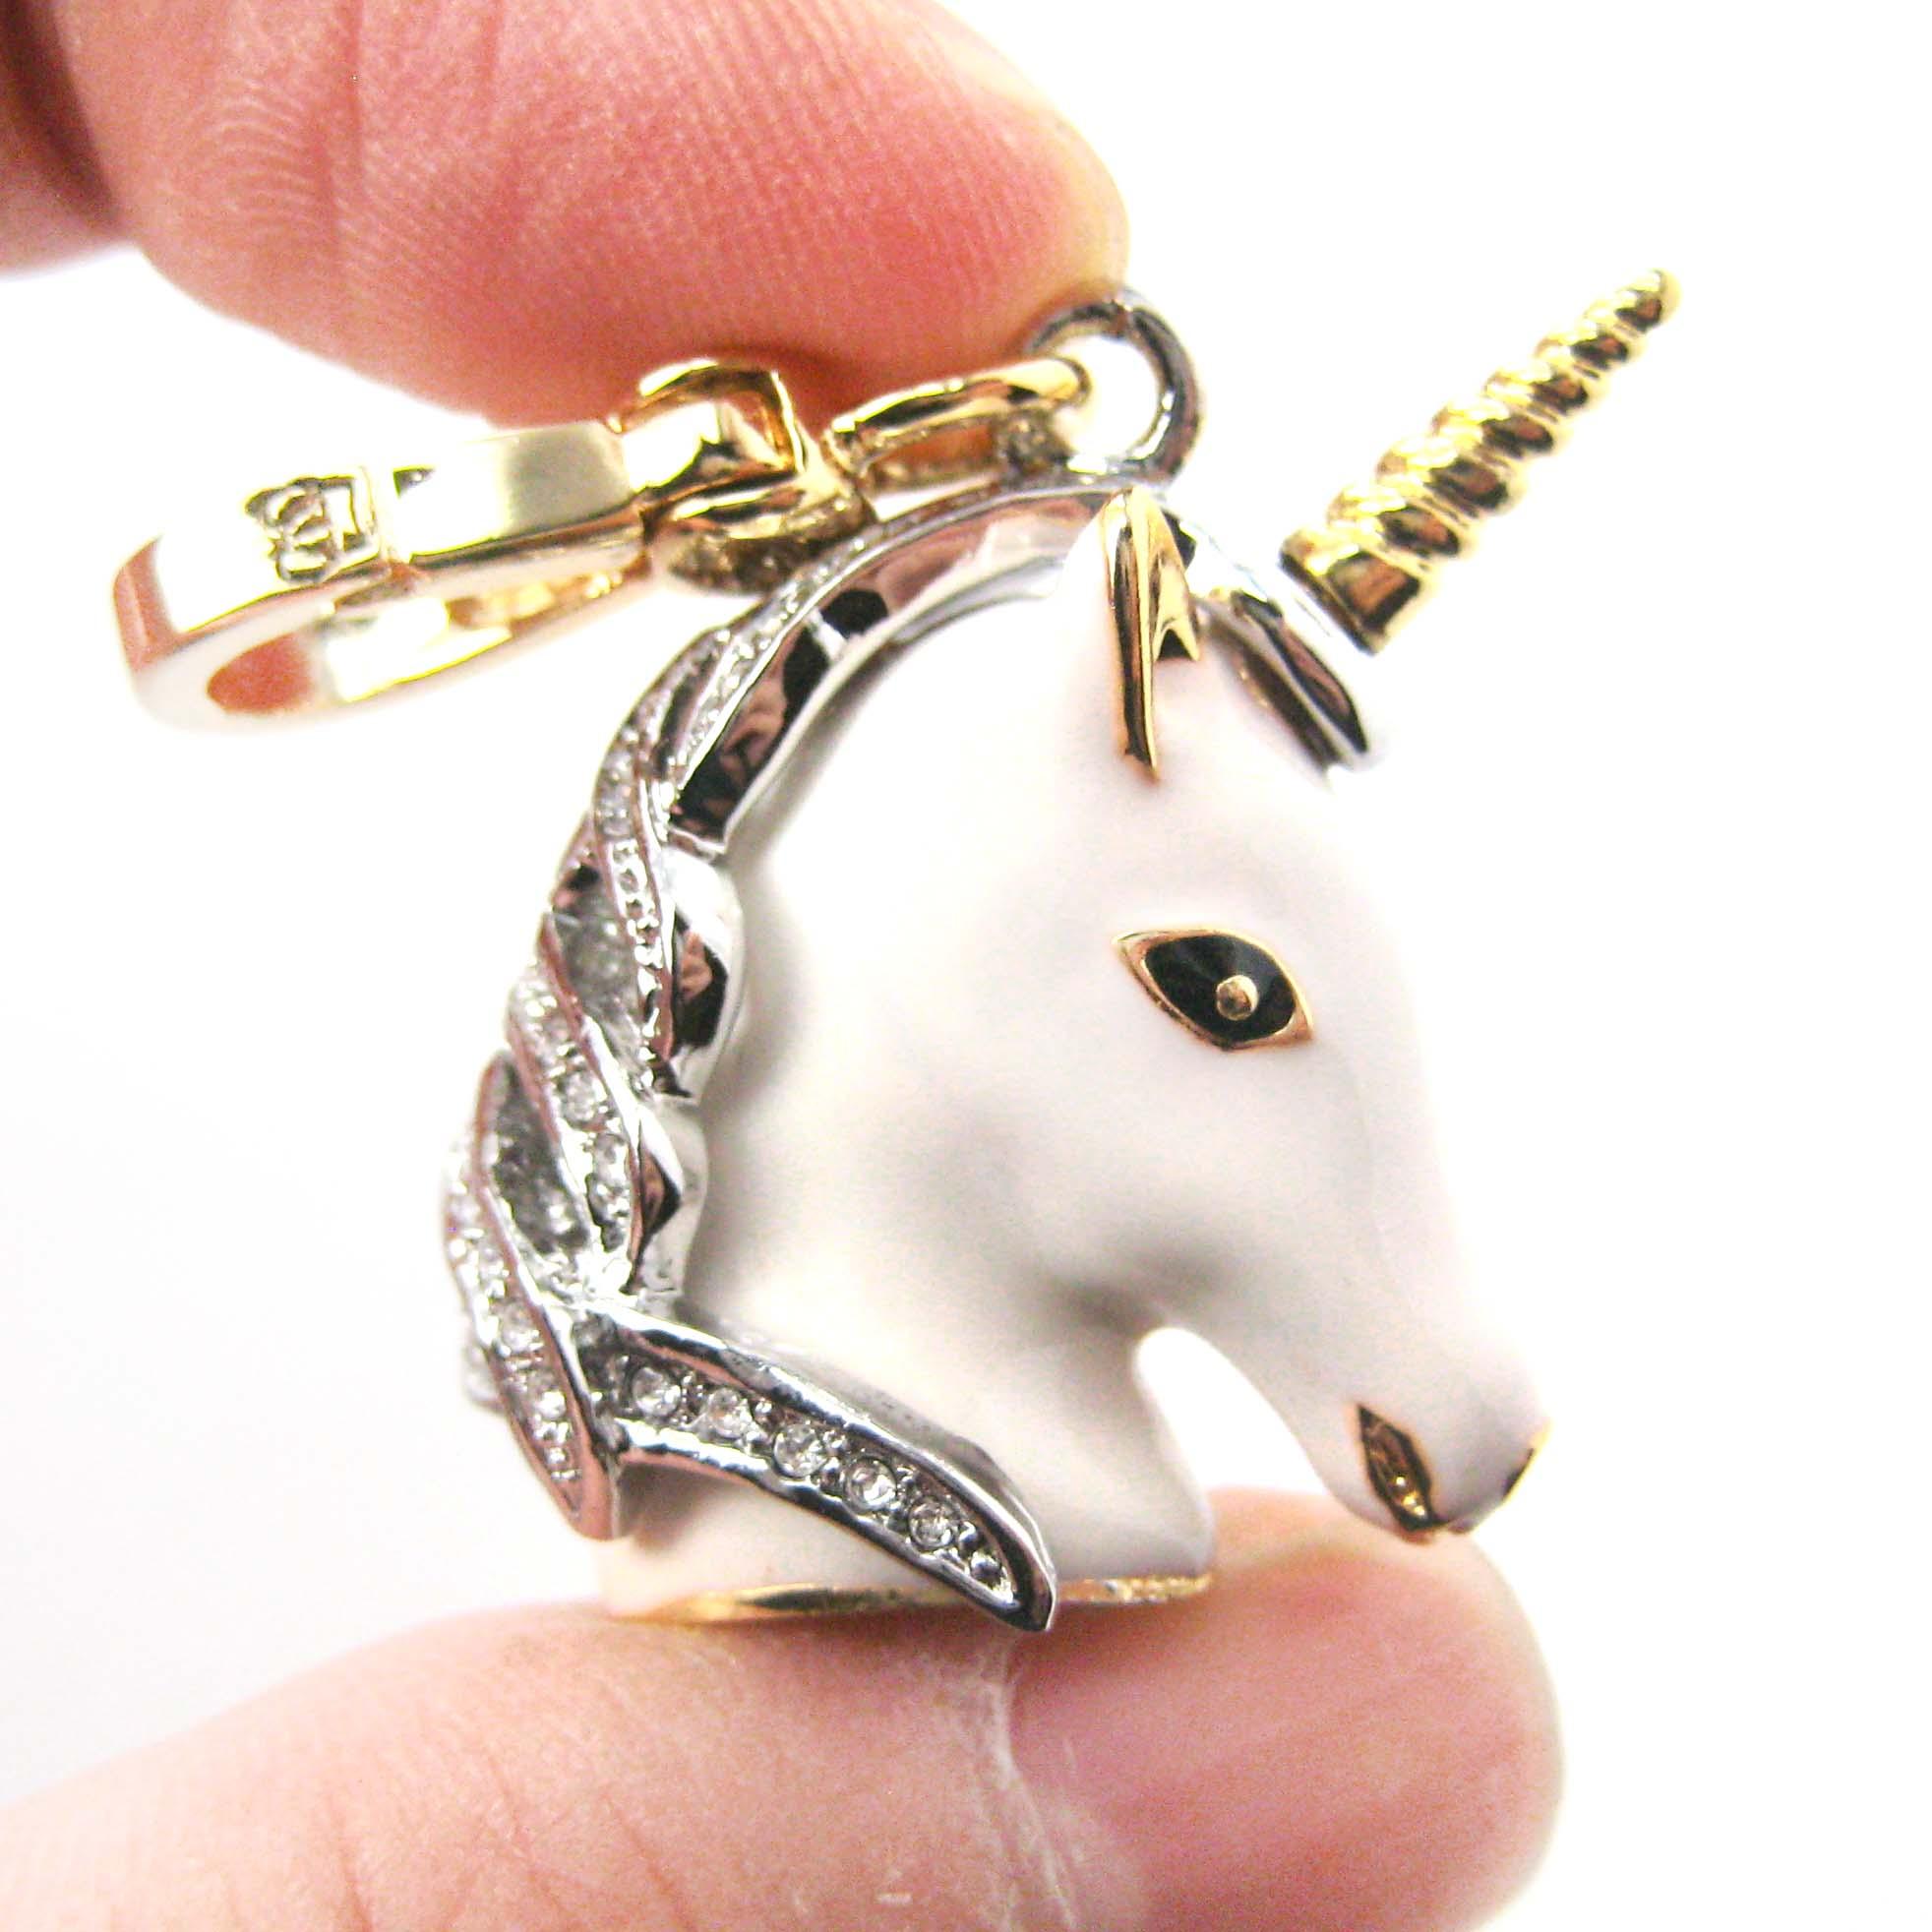 Limited Edition White Unicorn Animal Pendant Necklace